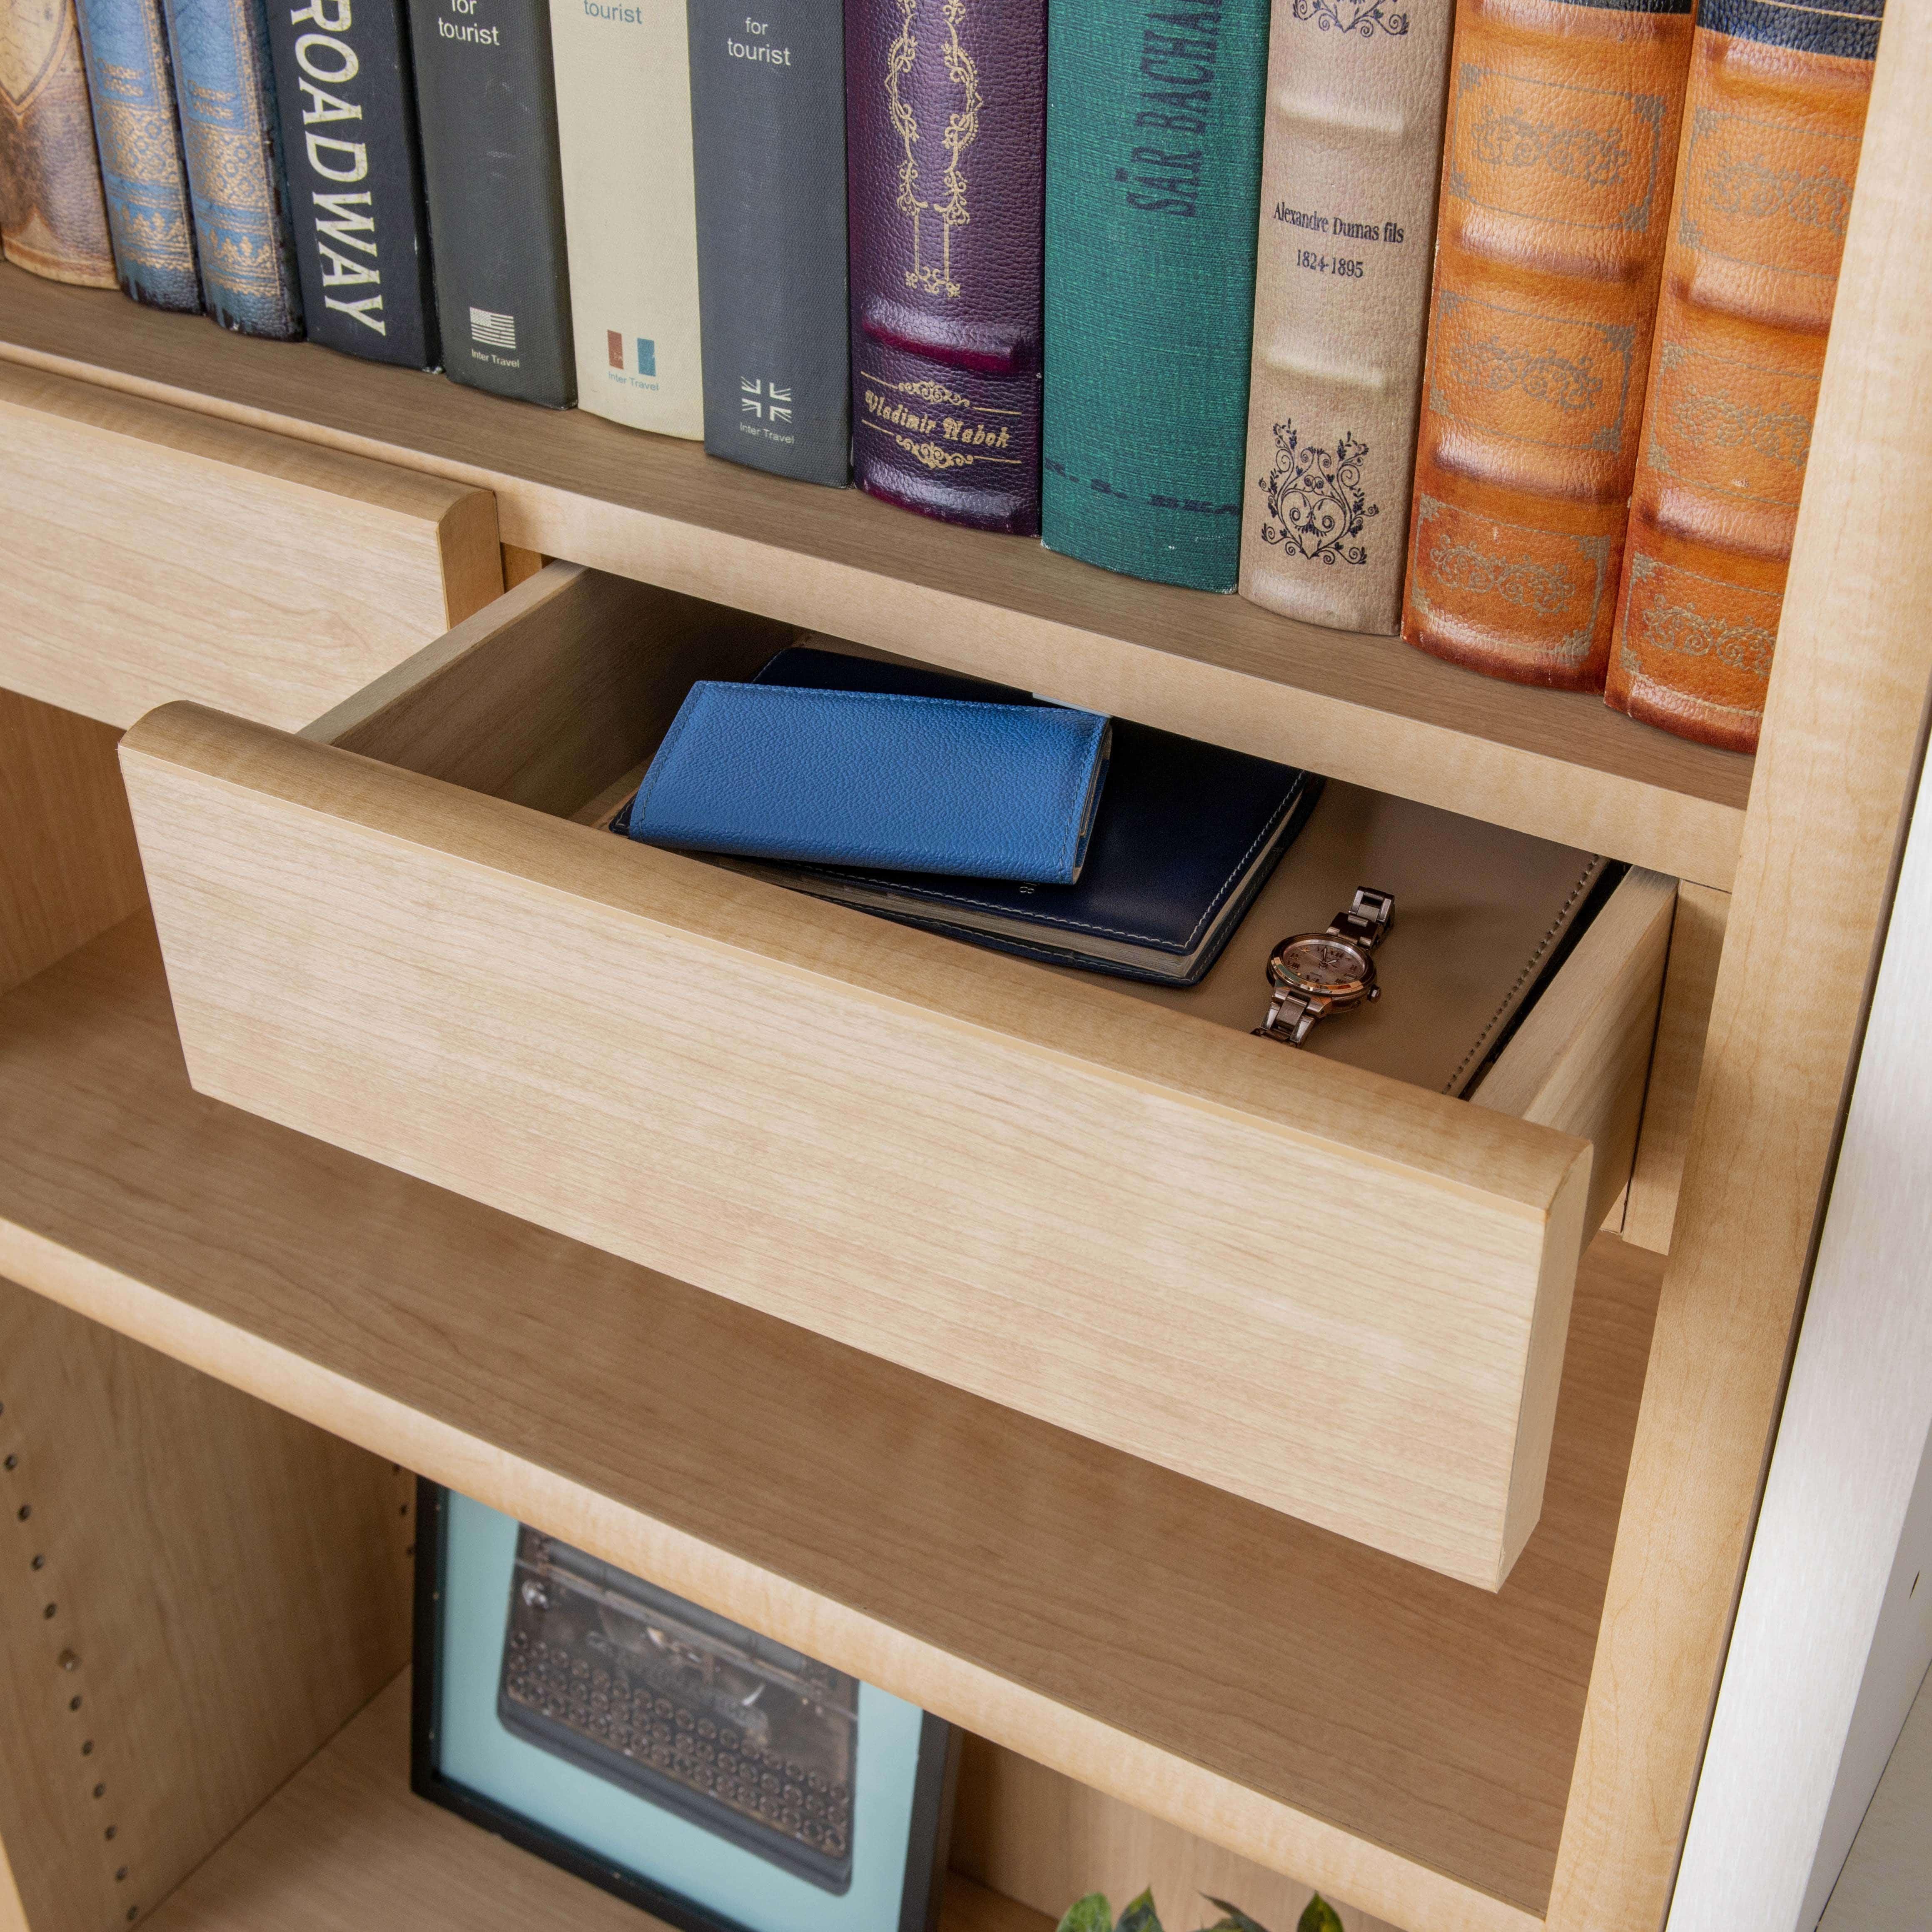 小島工芸 書棚 アコード110H(ホワイト):収納の幅を広げるオプション引き出し